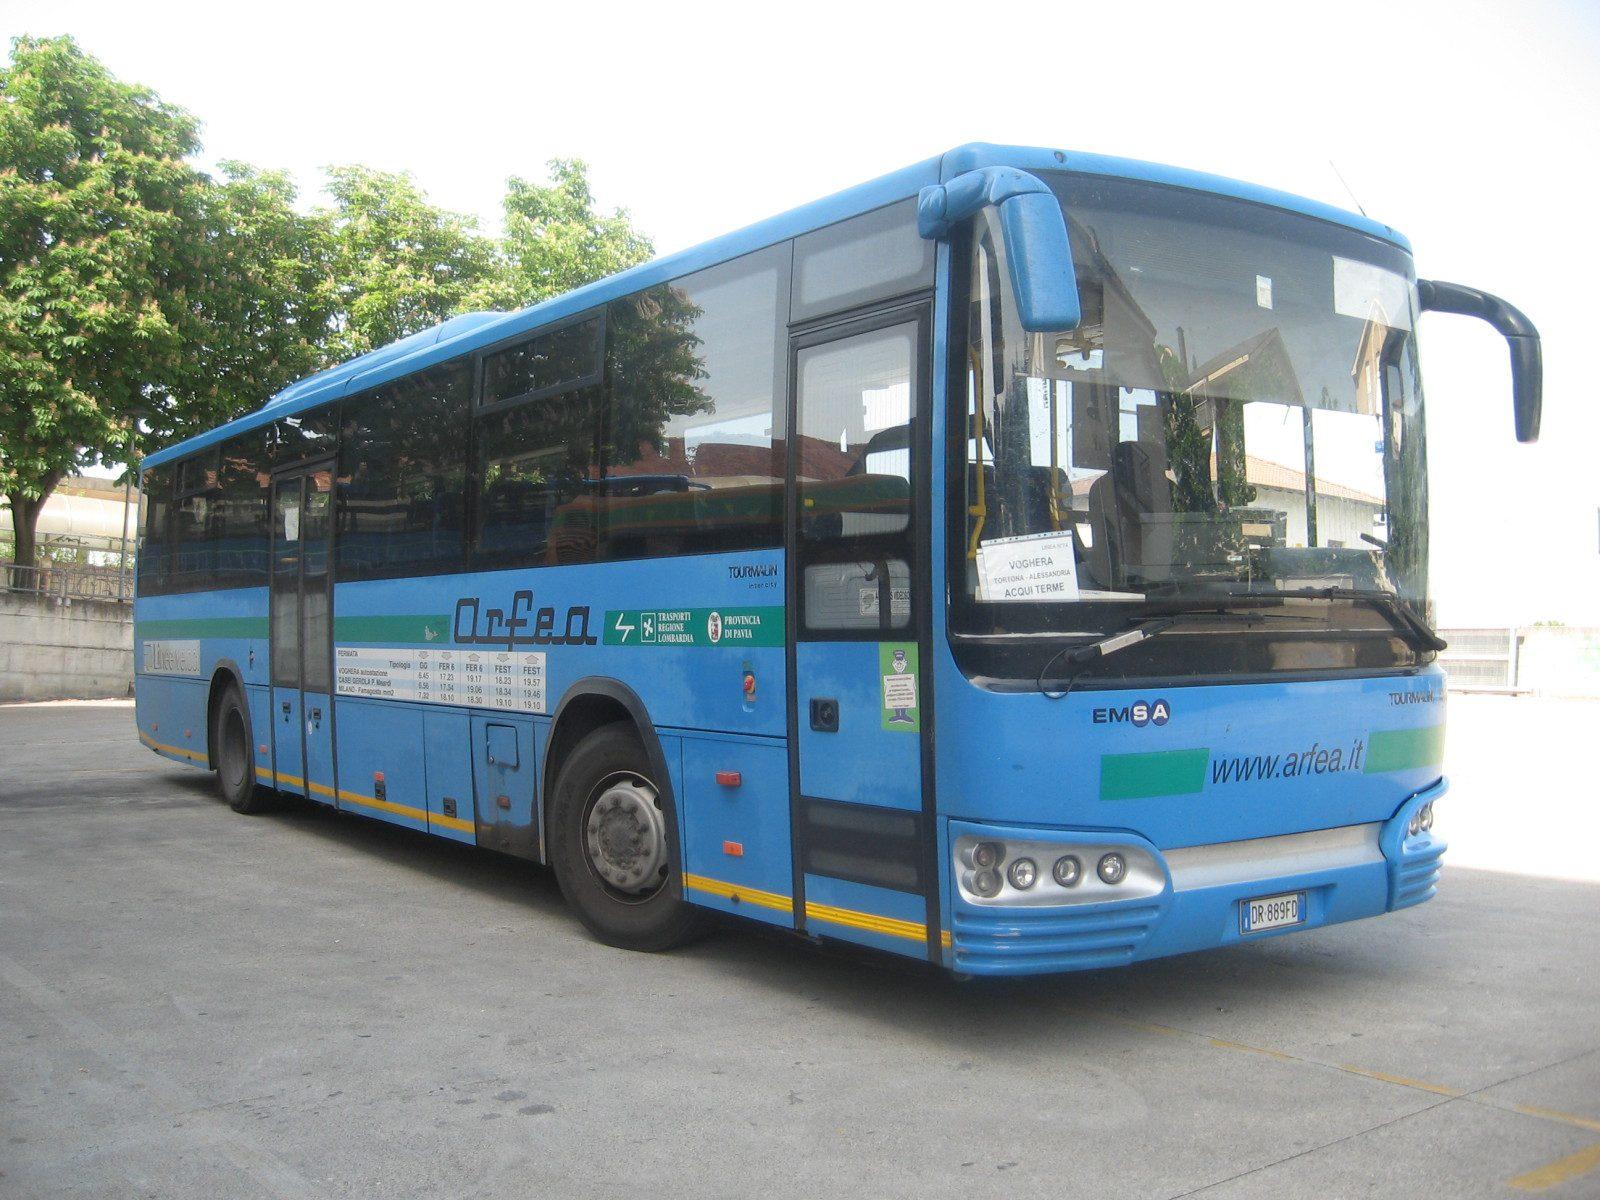 trasporto pubblico alessandria